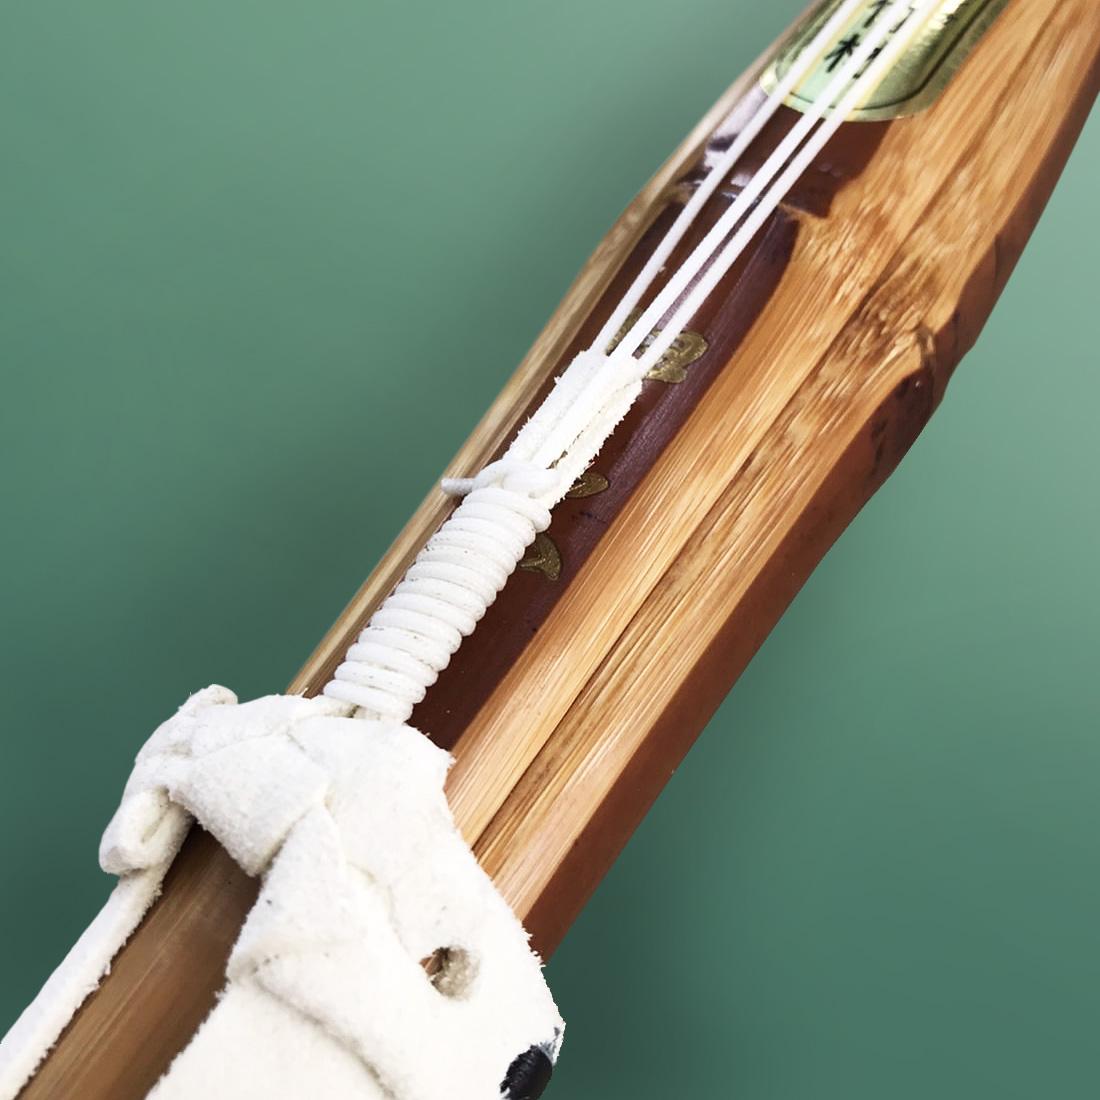 竹刀 バイオ竹刀 <烈>金文字  完成品 3.7サイズ・3.8サイズ ※SSPシールつき